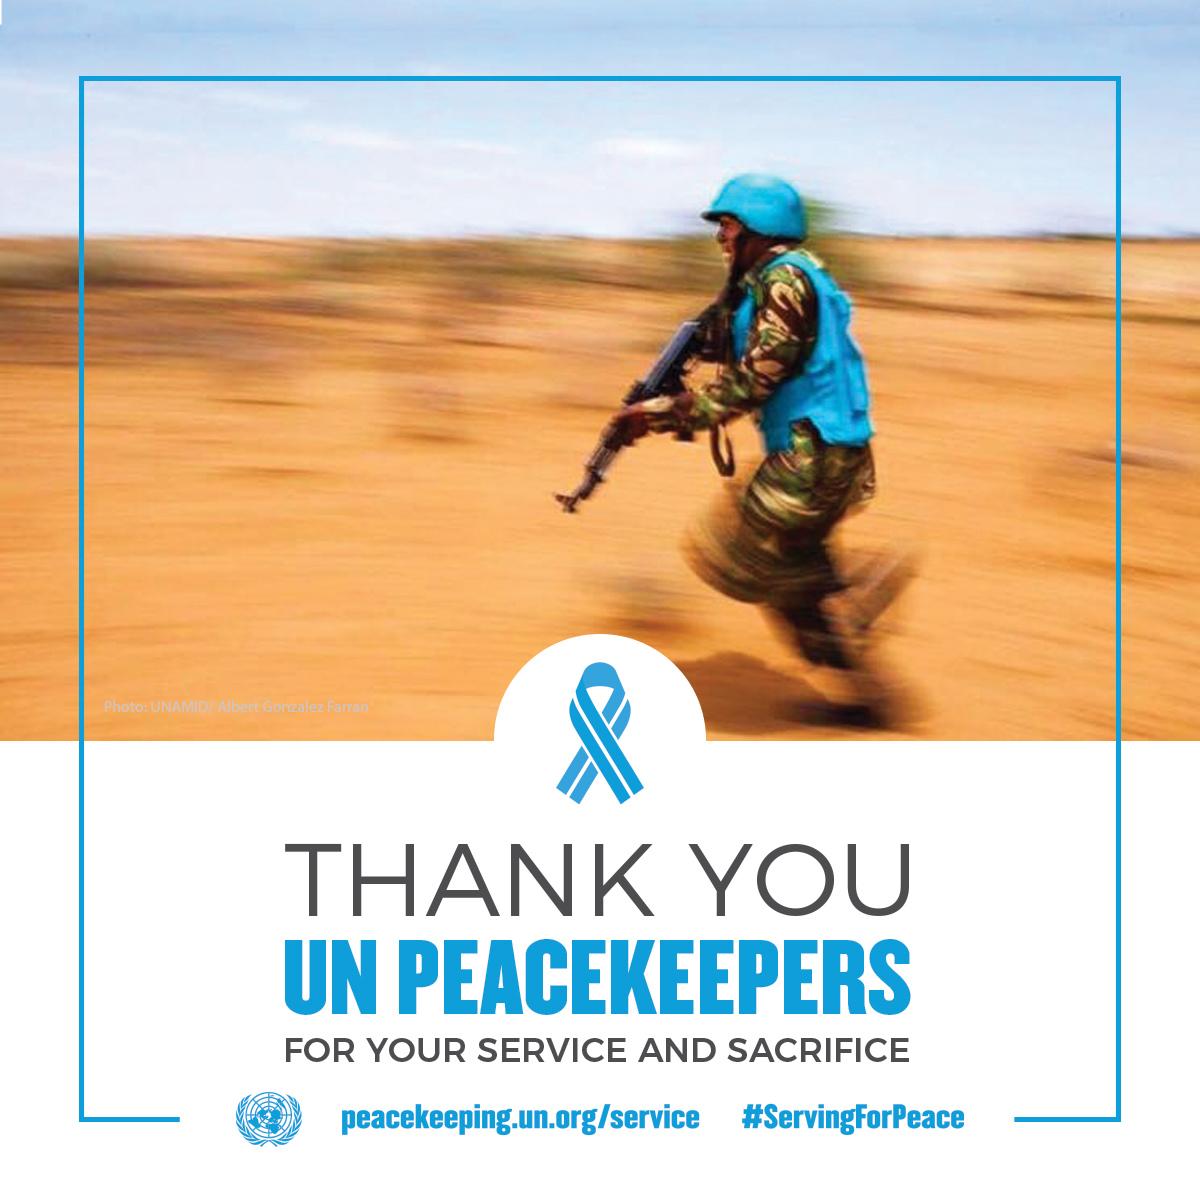 Grazie per il tuo servizio di pace e sacrificio